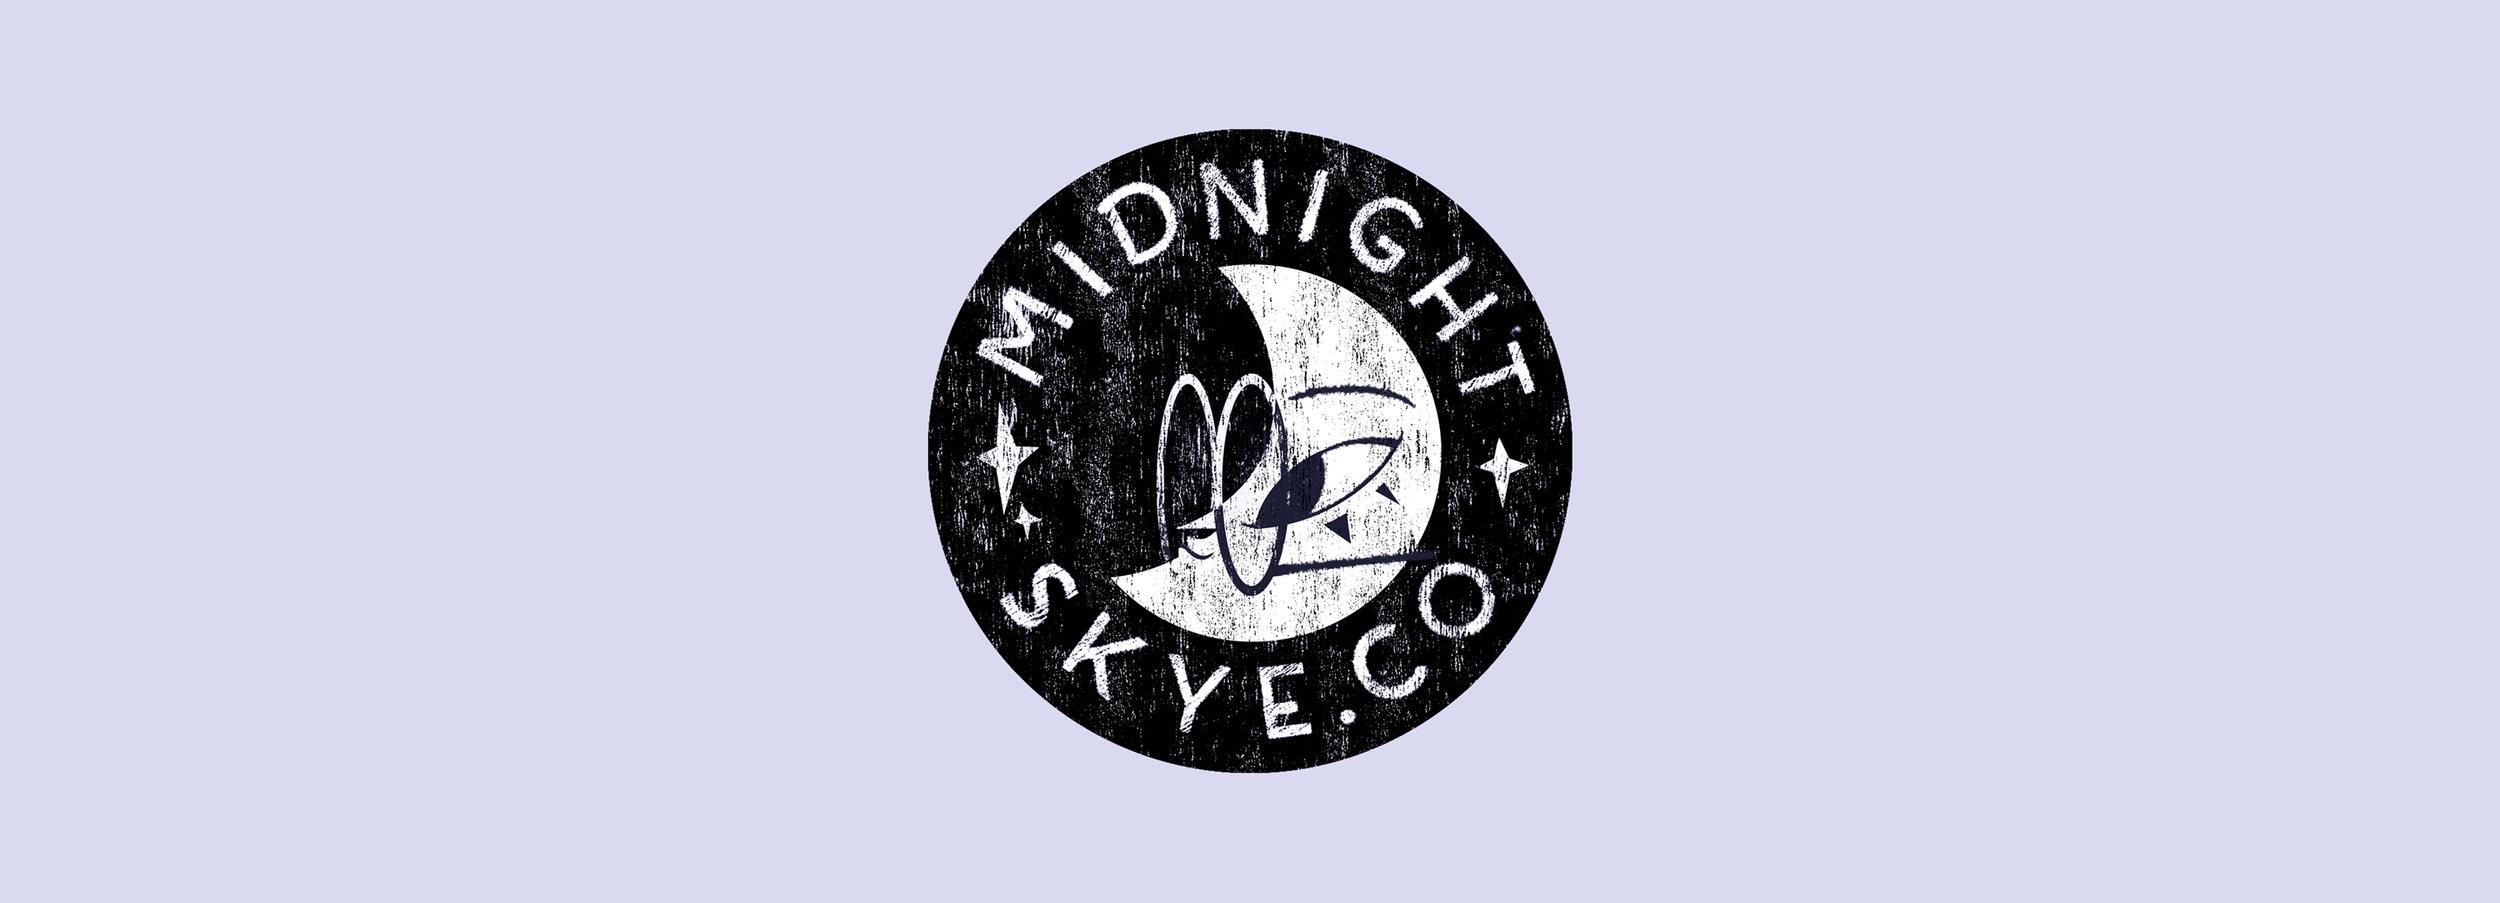 midnightskye.jpg